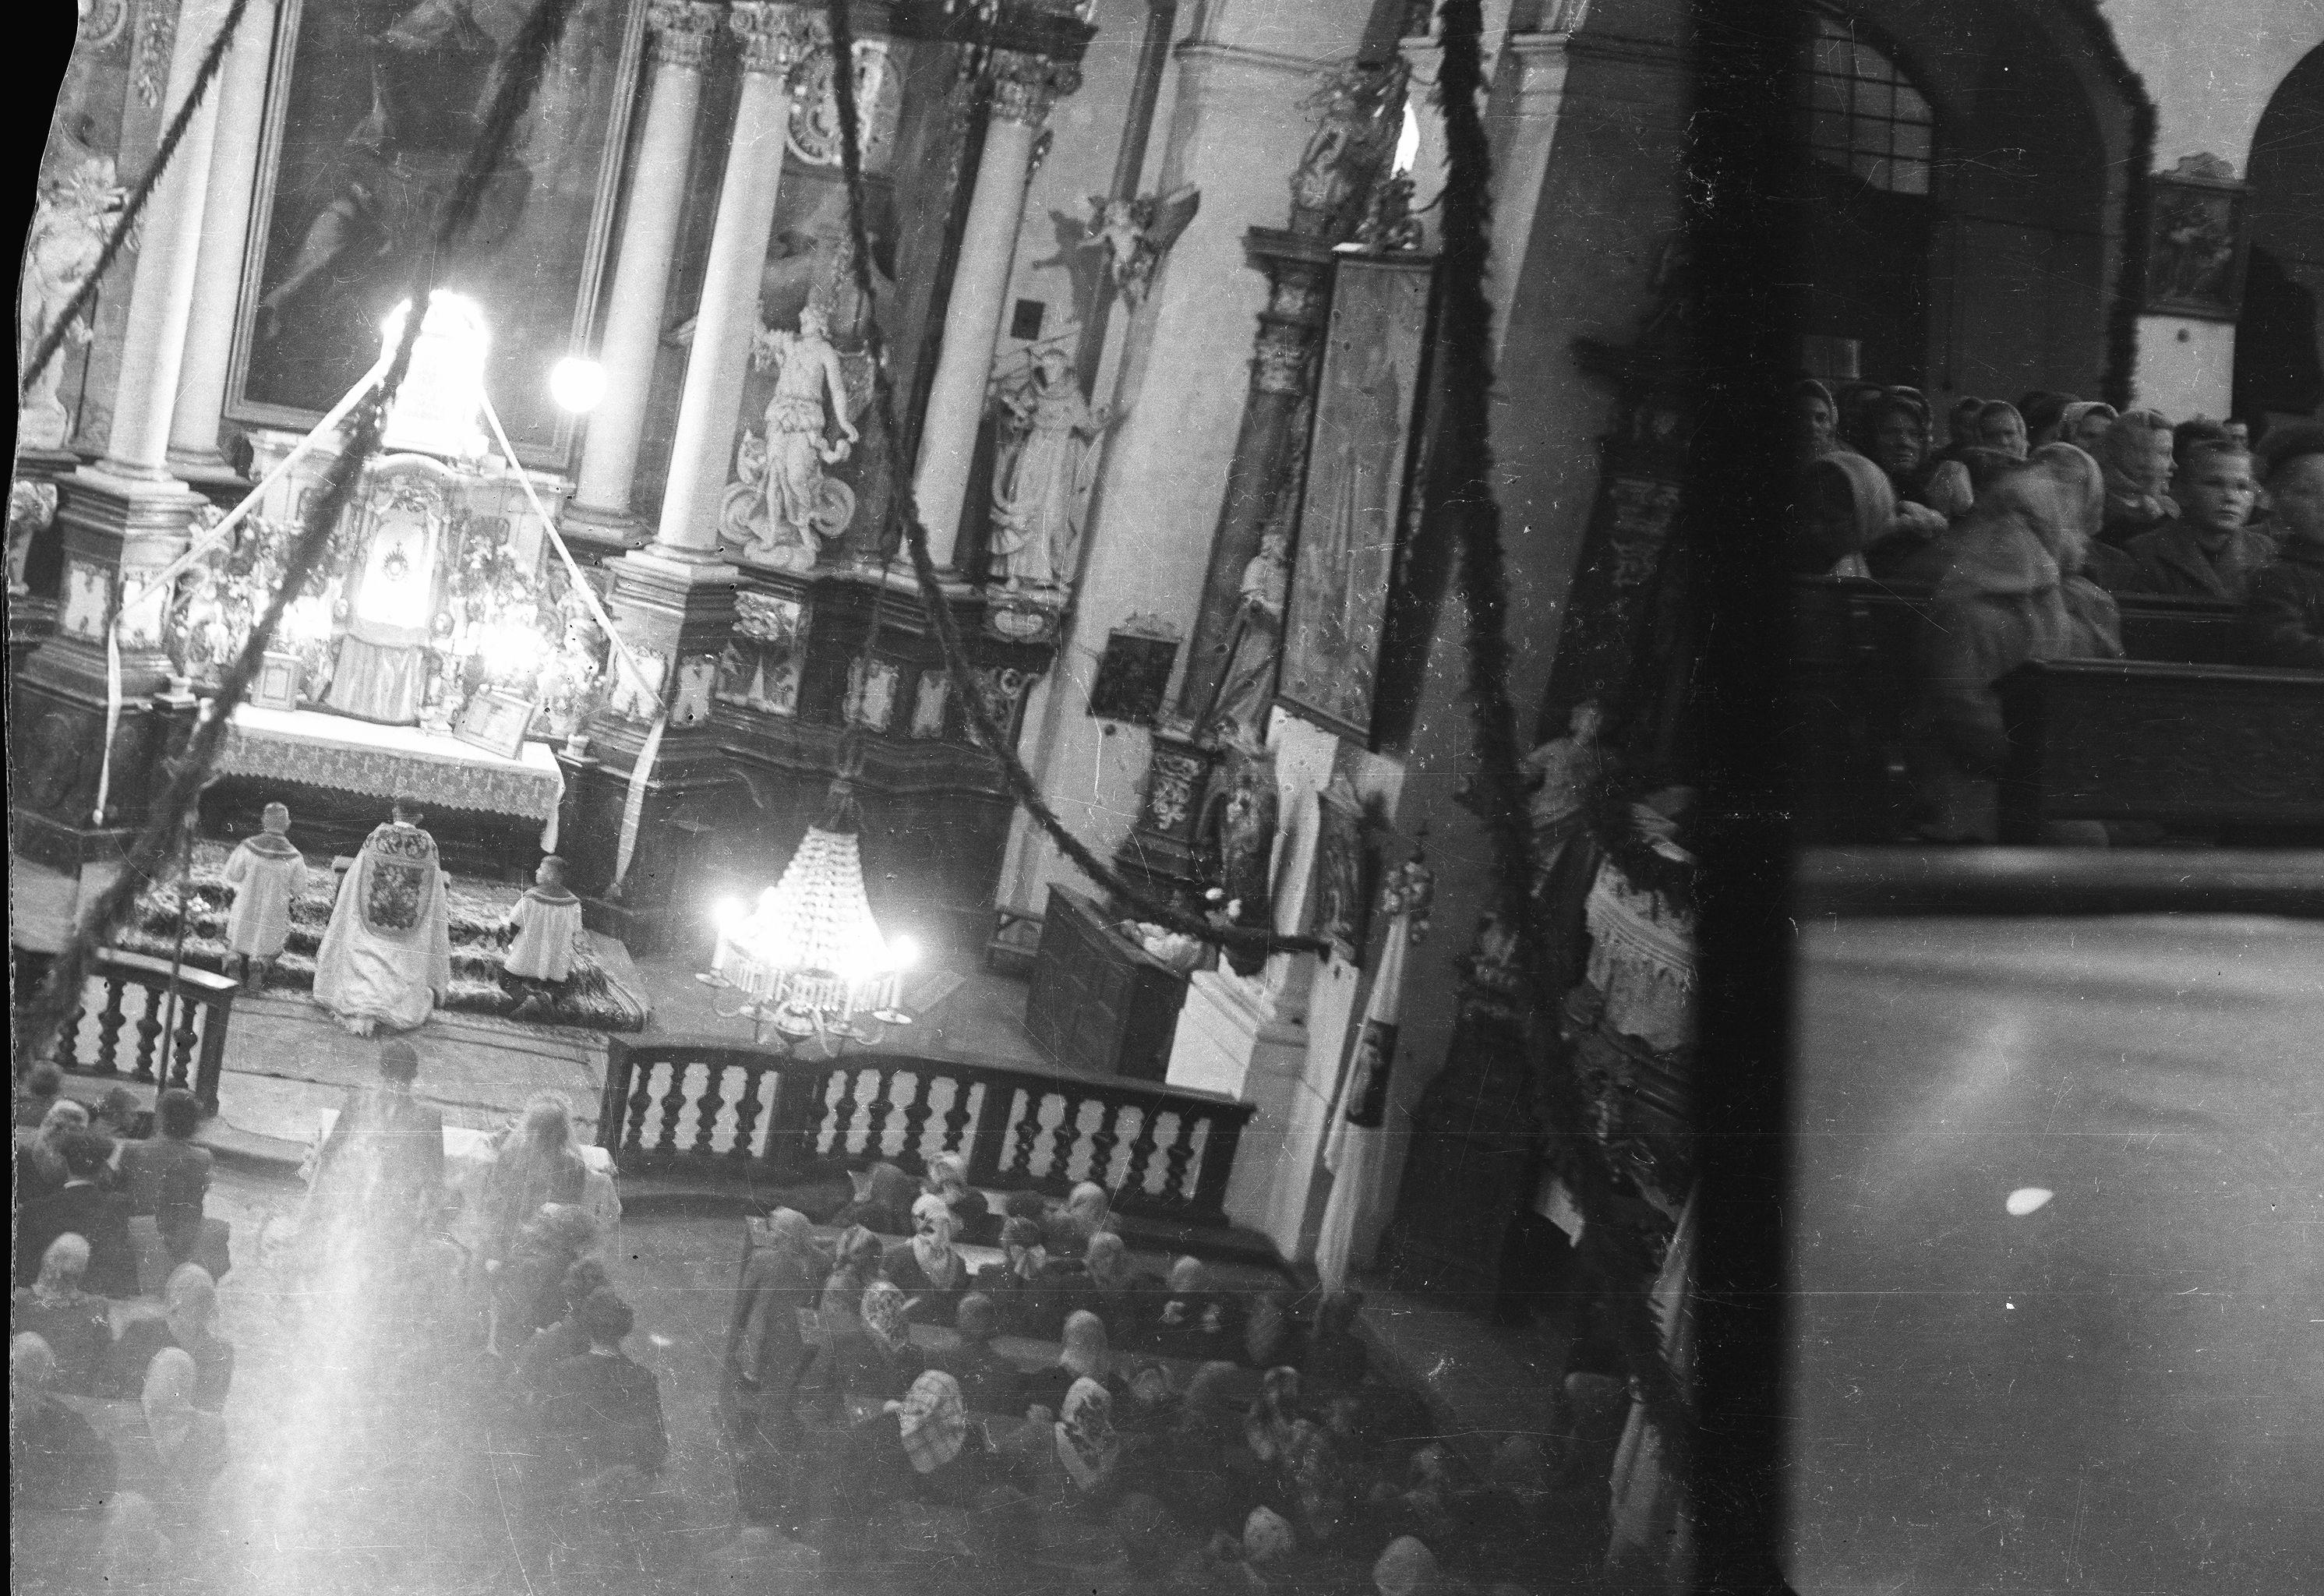 Widok z góry na ceremonię zaślubin Marii Śmigiero z Bronisławem Janczakiem, Głębowice, Dolny Śląsk, lata 50. XX w.